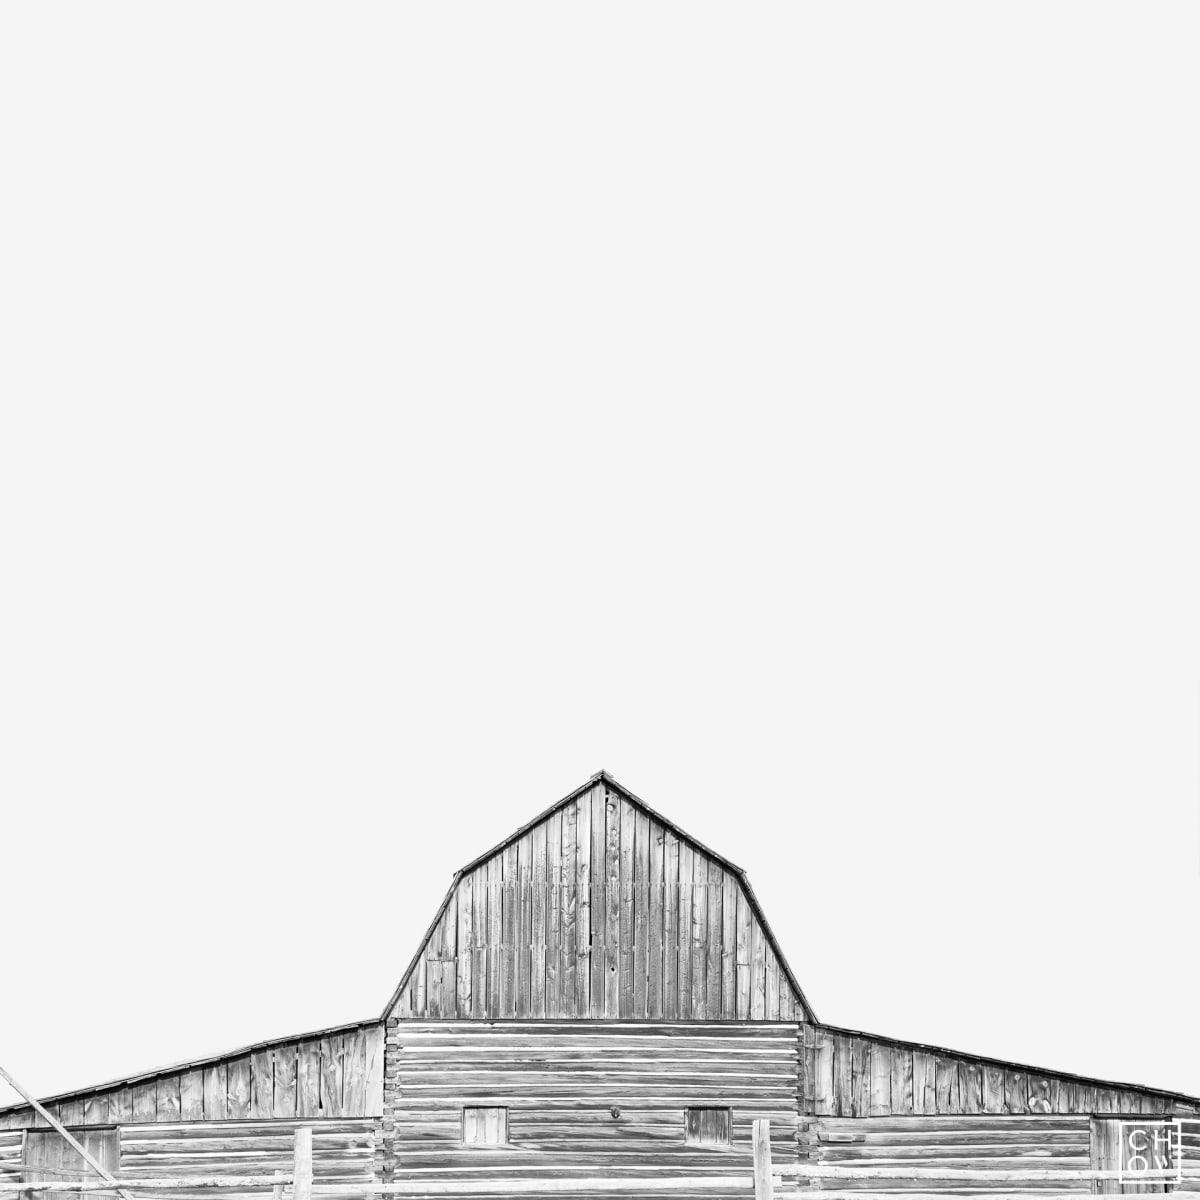 Austin Chow, Homestead // Mormon Row, 2019